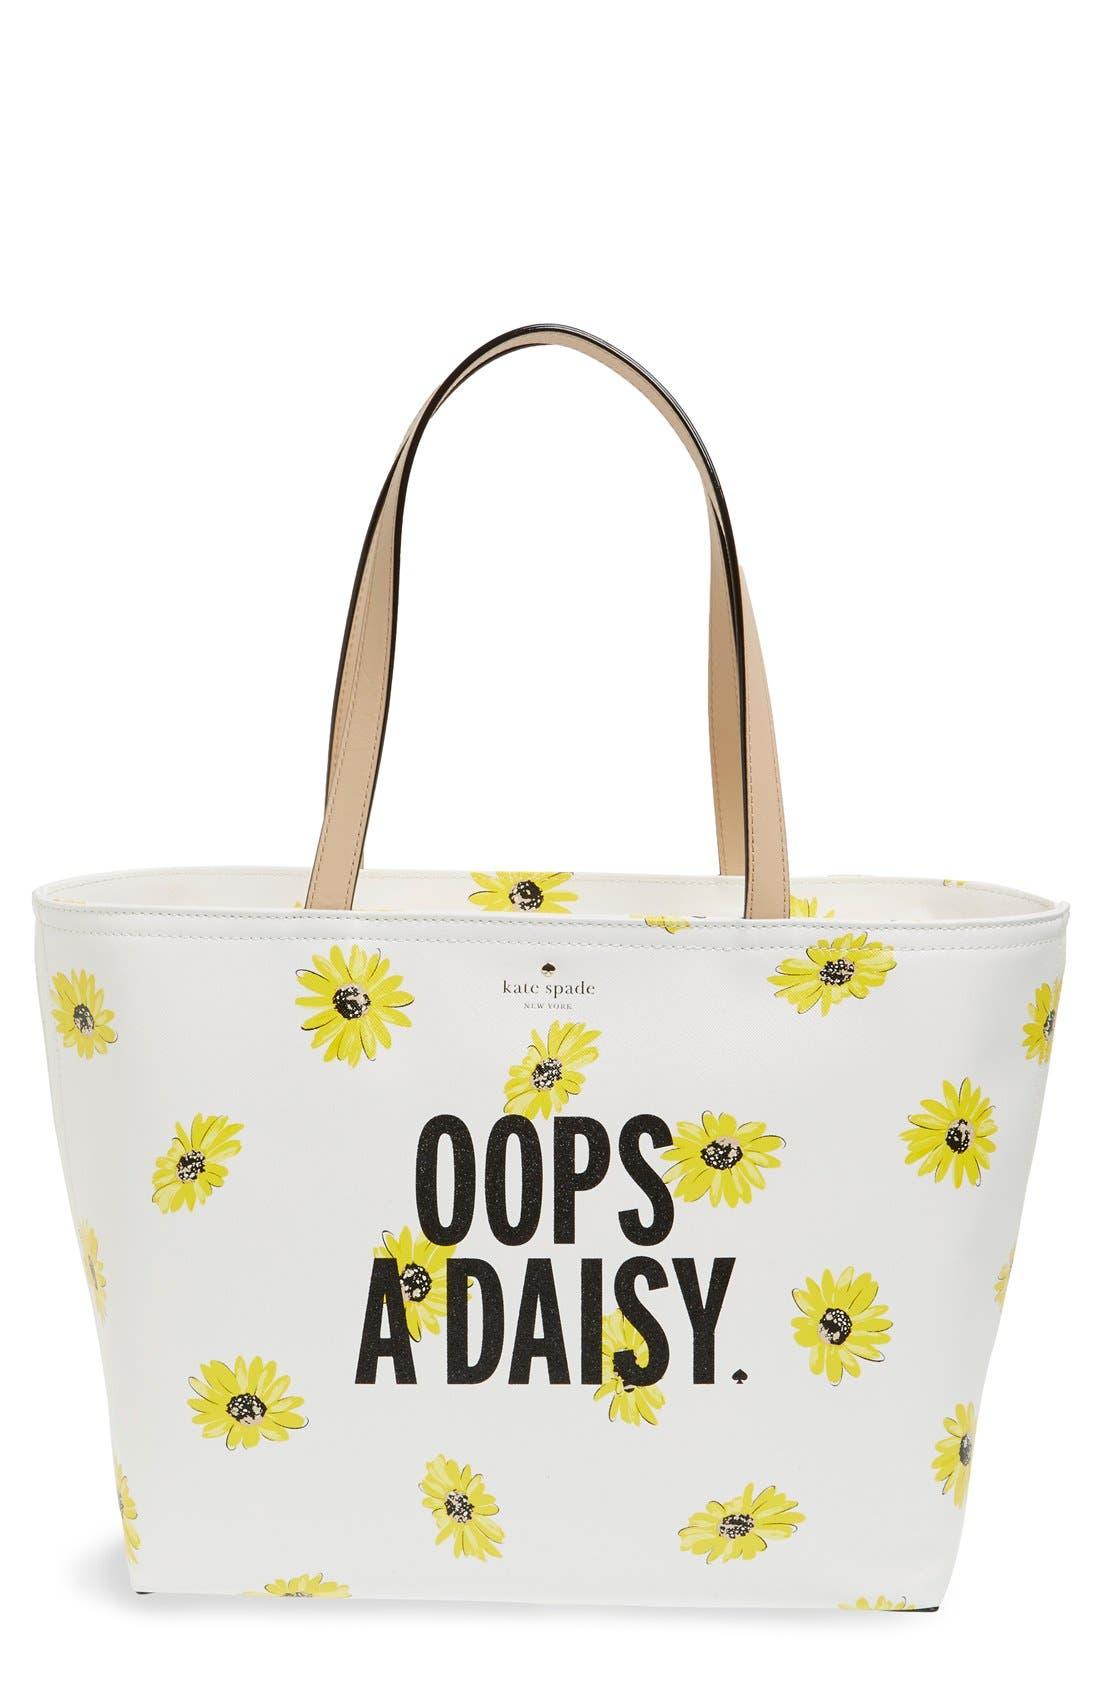 'oops-a-daisy - francis' tote,                             Main thumbnail 1, color,                             250